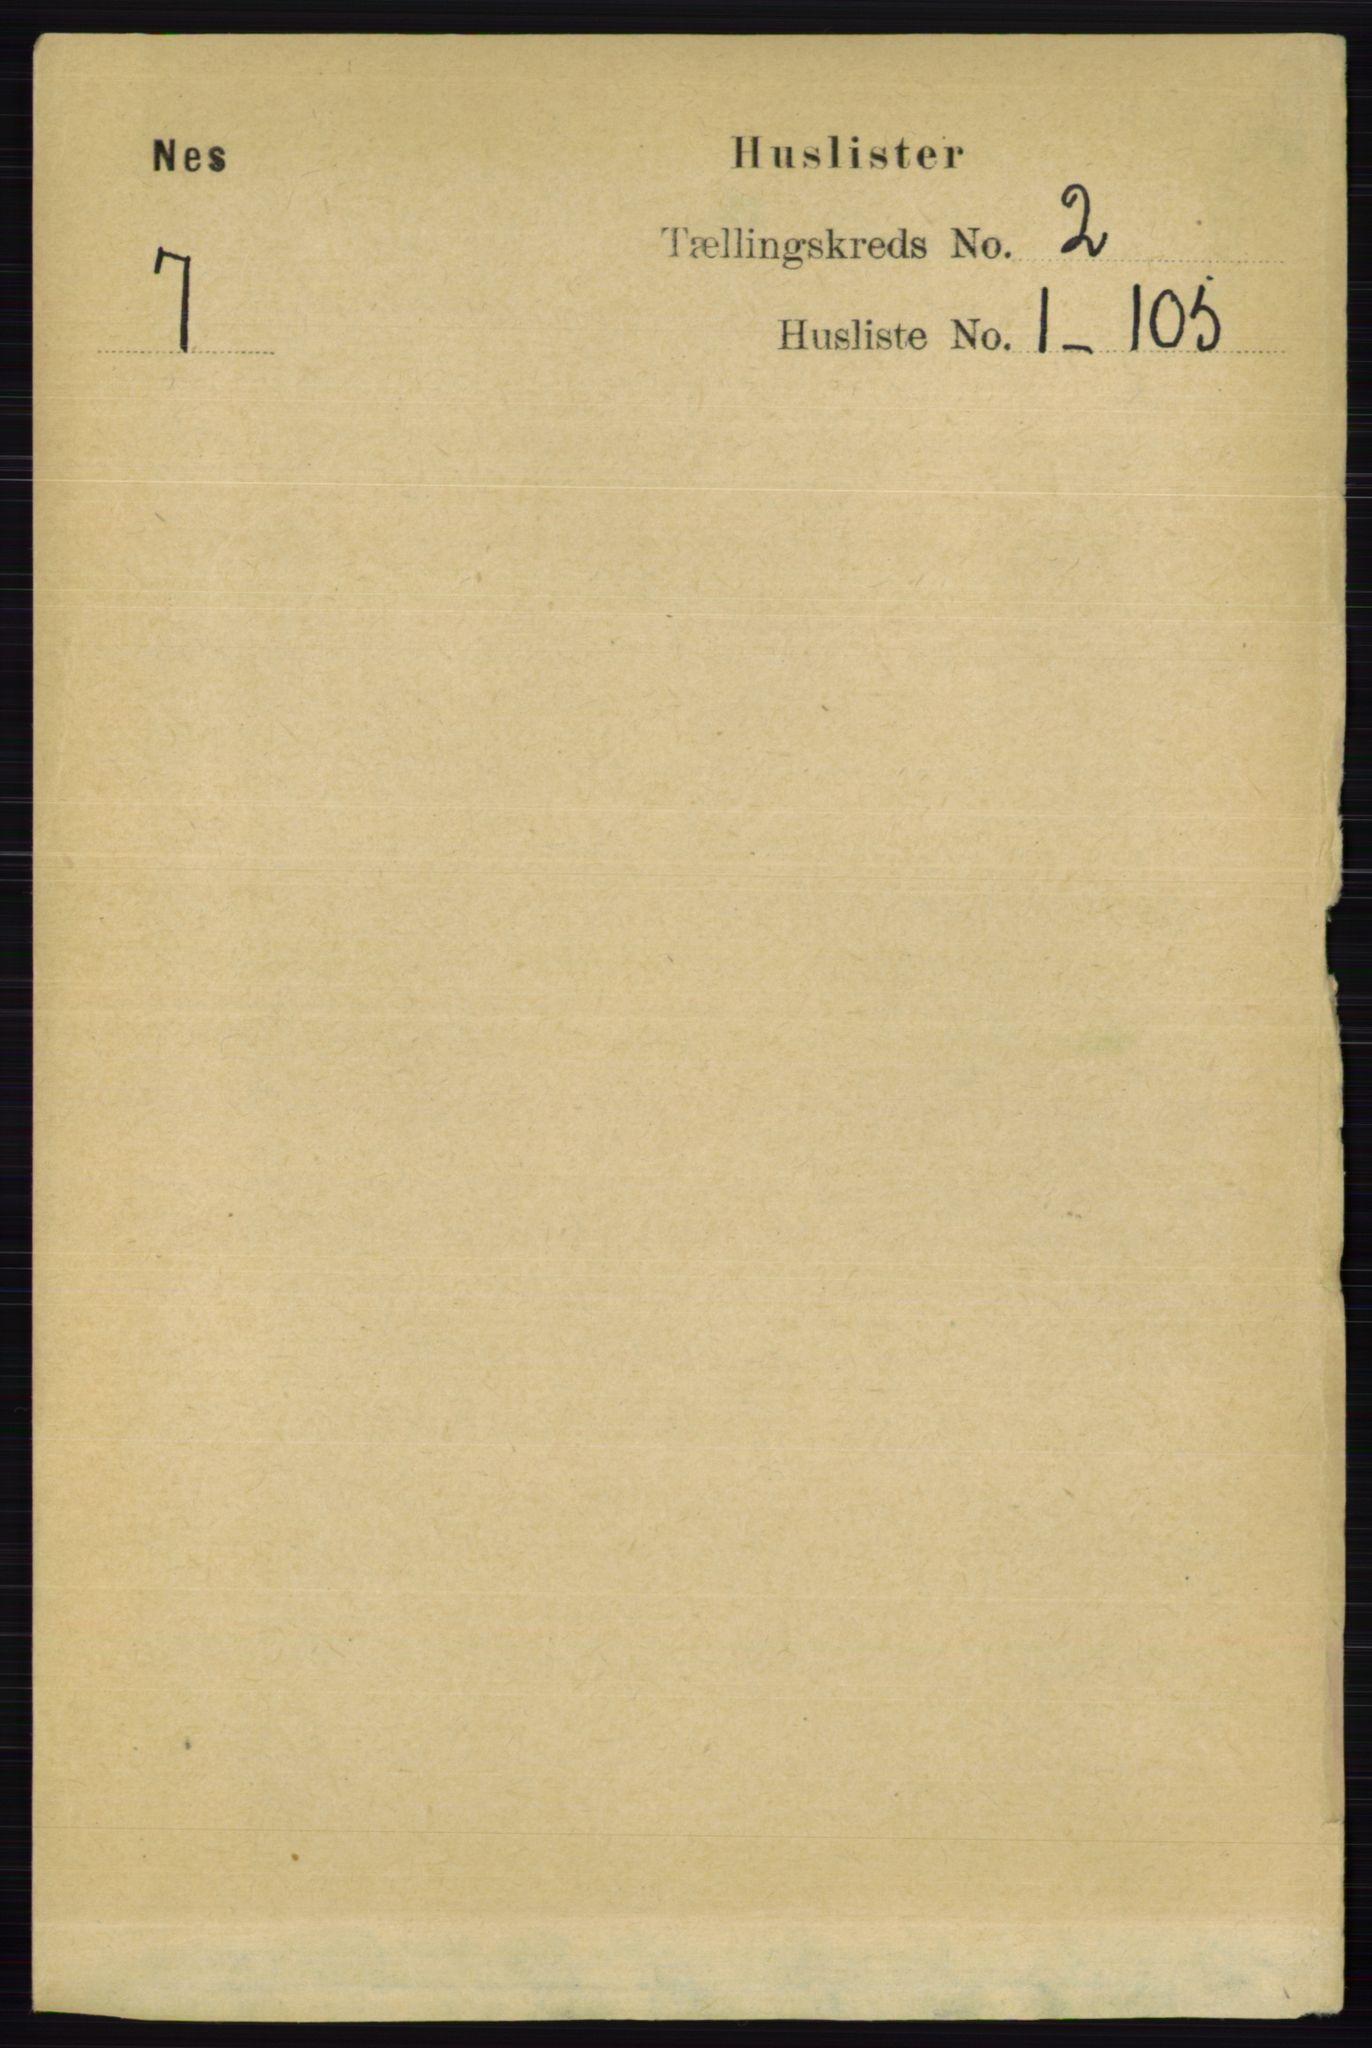 RA, Folketelling 1891 for 0236 Nes herred, 1891, s. 827